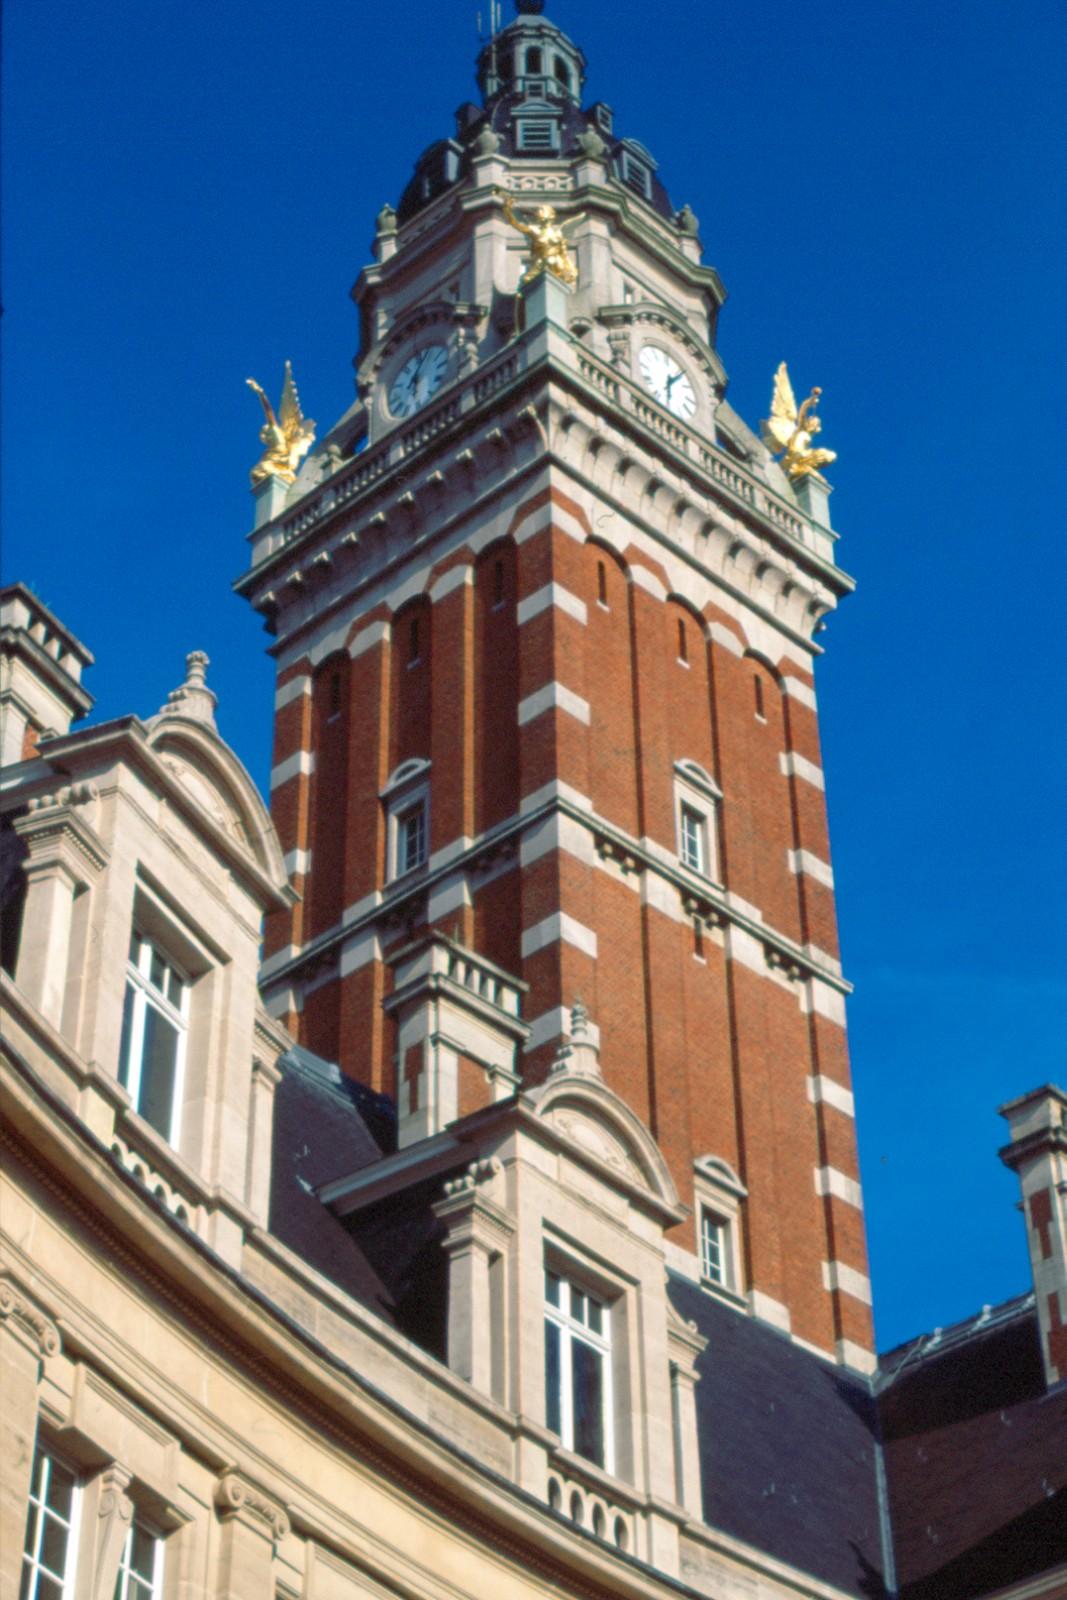 Tour de l'hôtel de ville (photo s.d.)